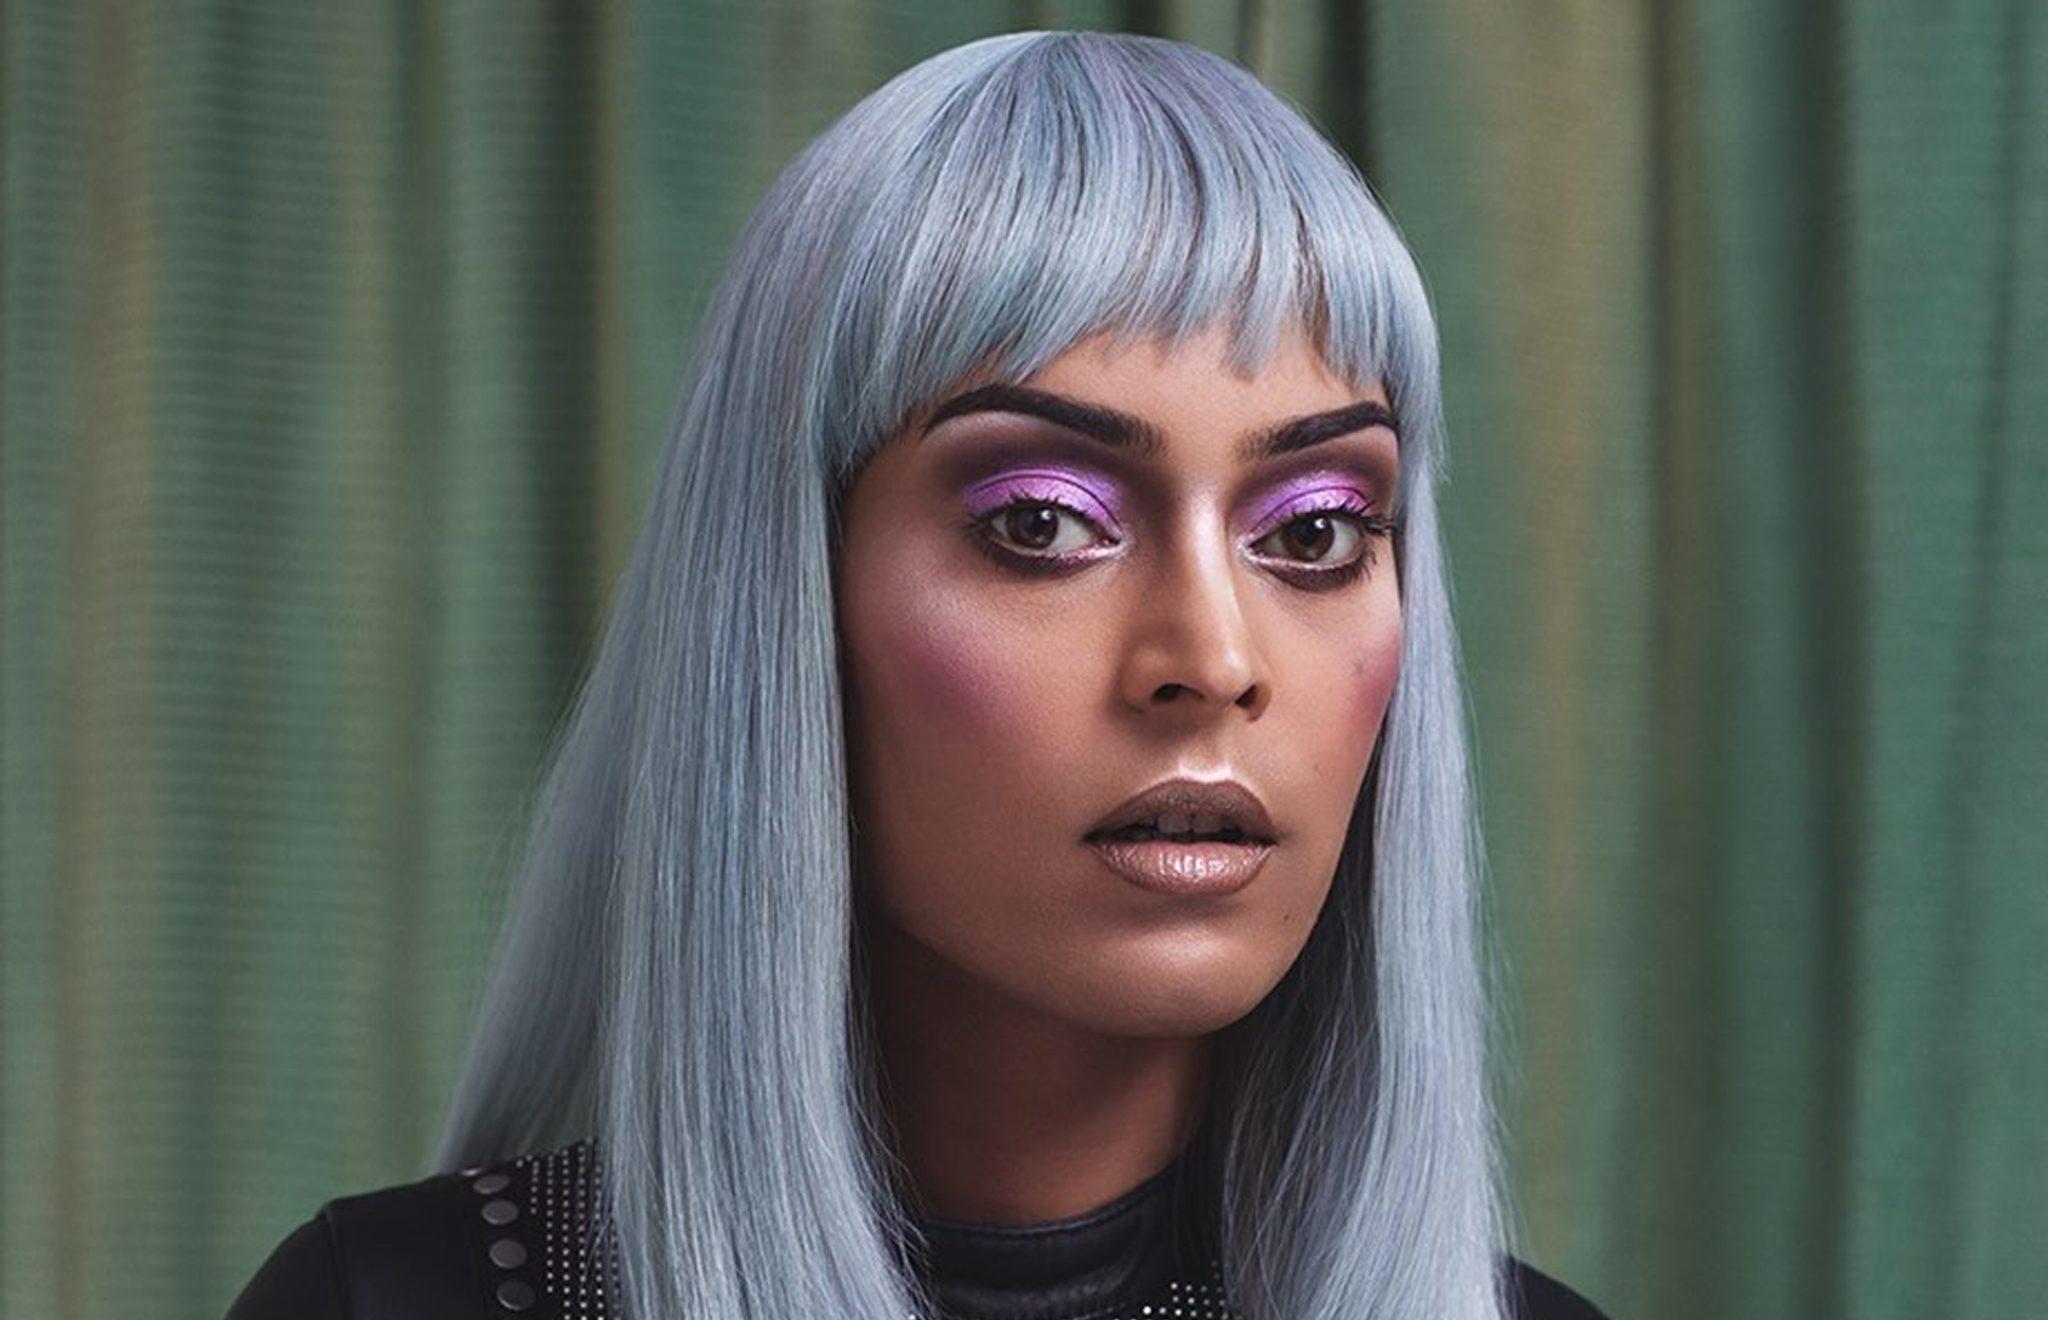 İlk Müslüman Drag Queen, 'Müslüman Eşcinsel Evlilikleri Çok Fazla!'